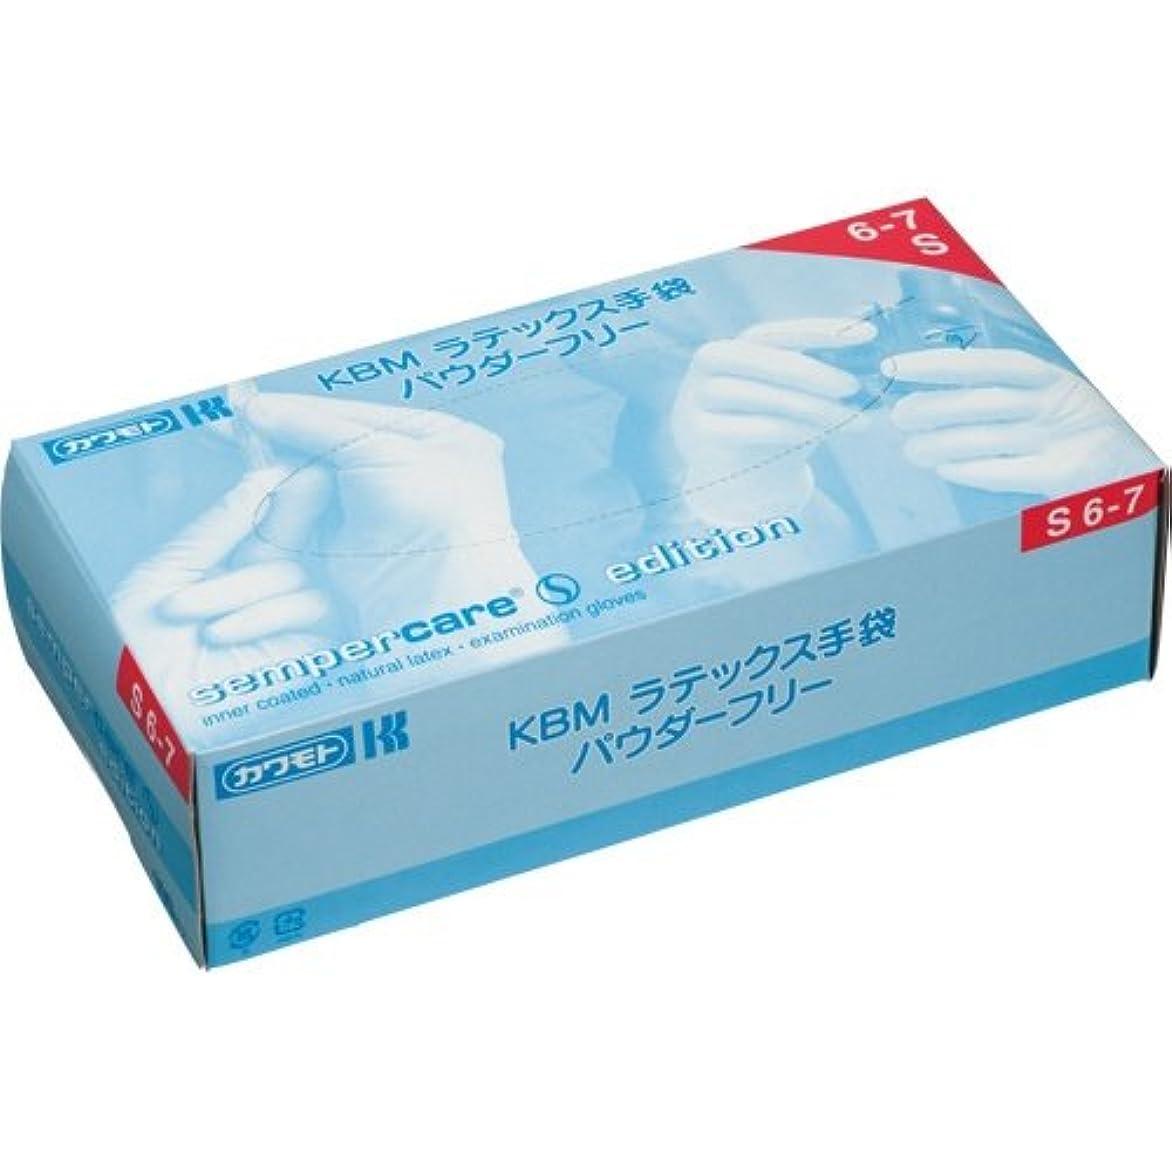 発症保護石カワモト KBM ラテックス手袋 パウダーフリー S 1セット(300枚:100枚×3箱)